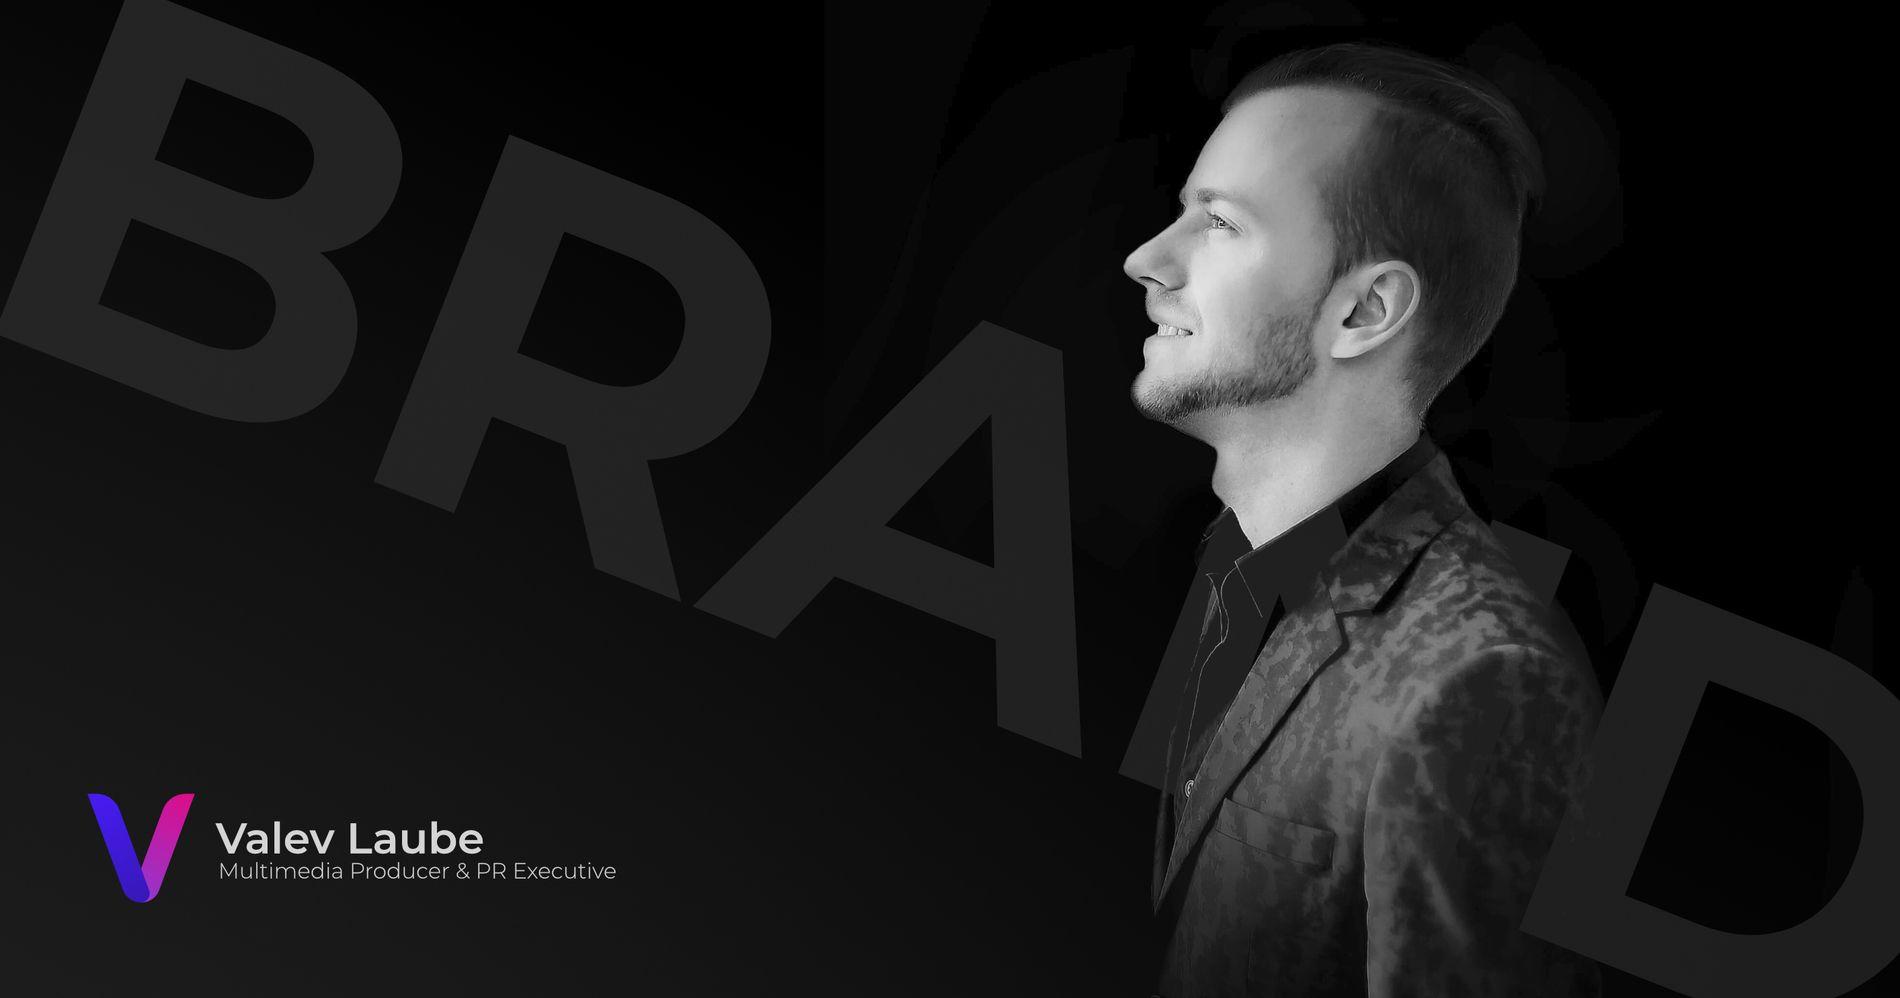 Valev Laube - Multimedia Producer & PR Executive